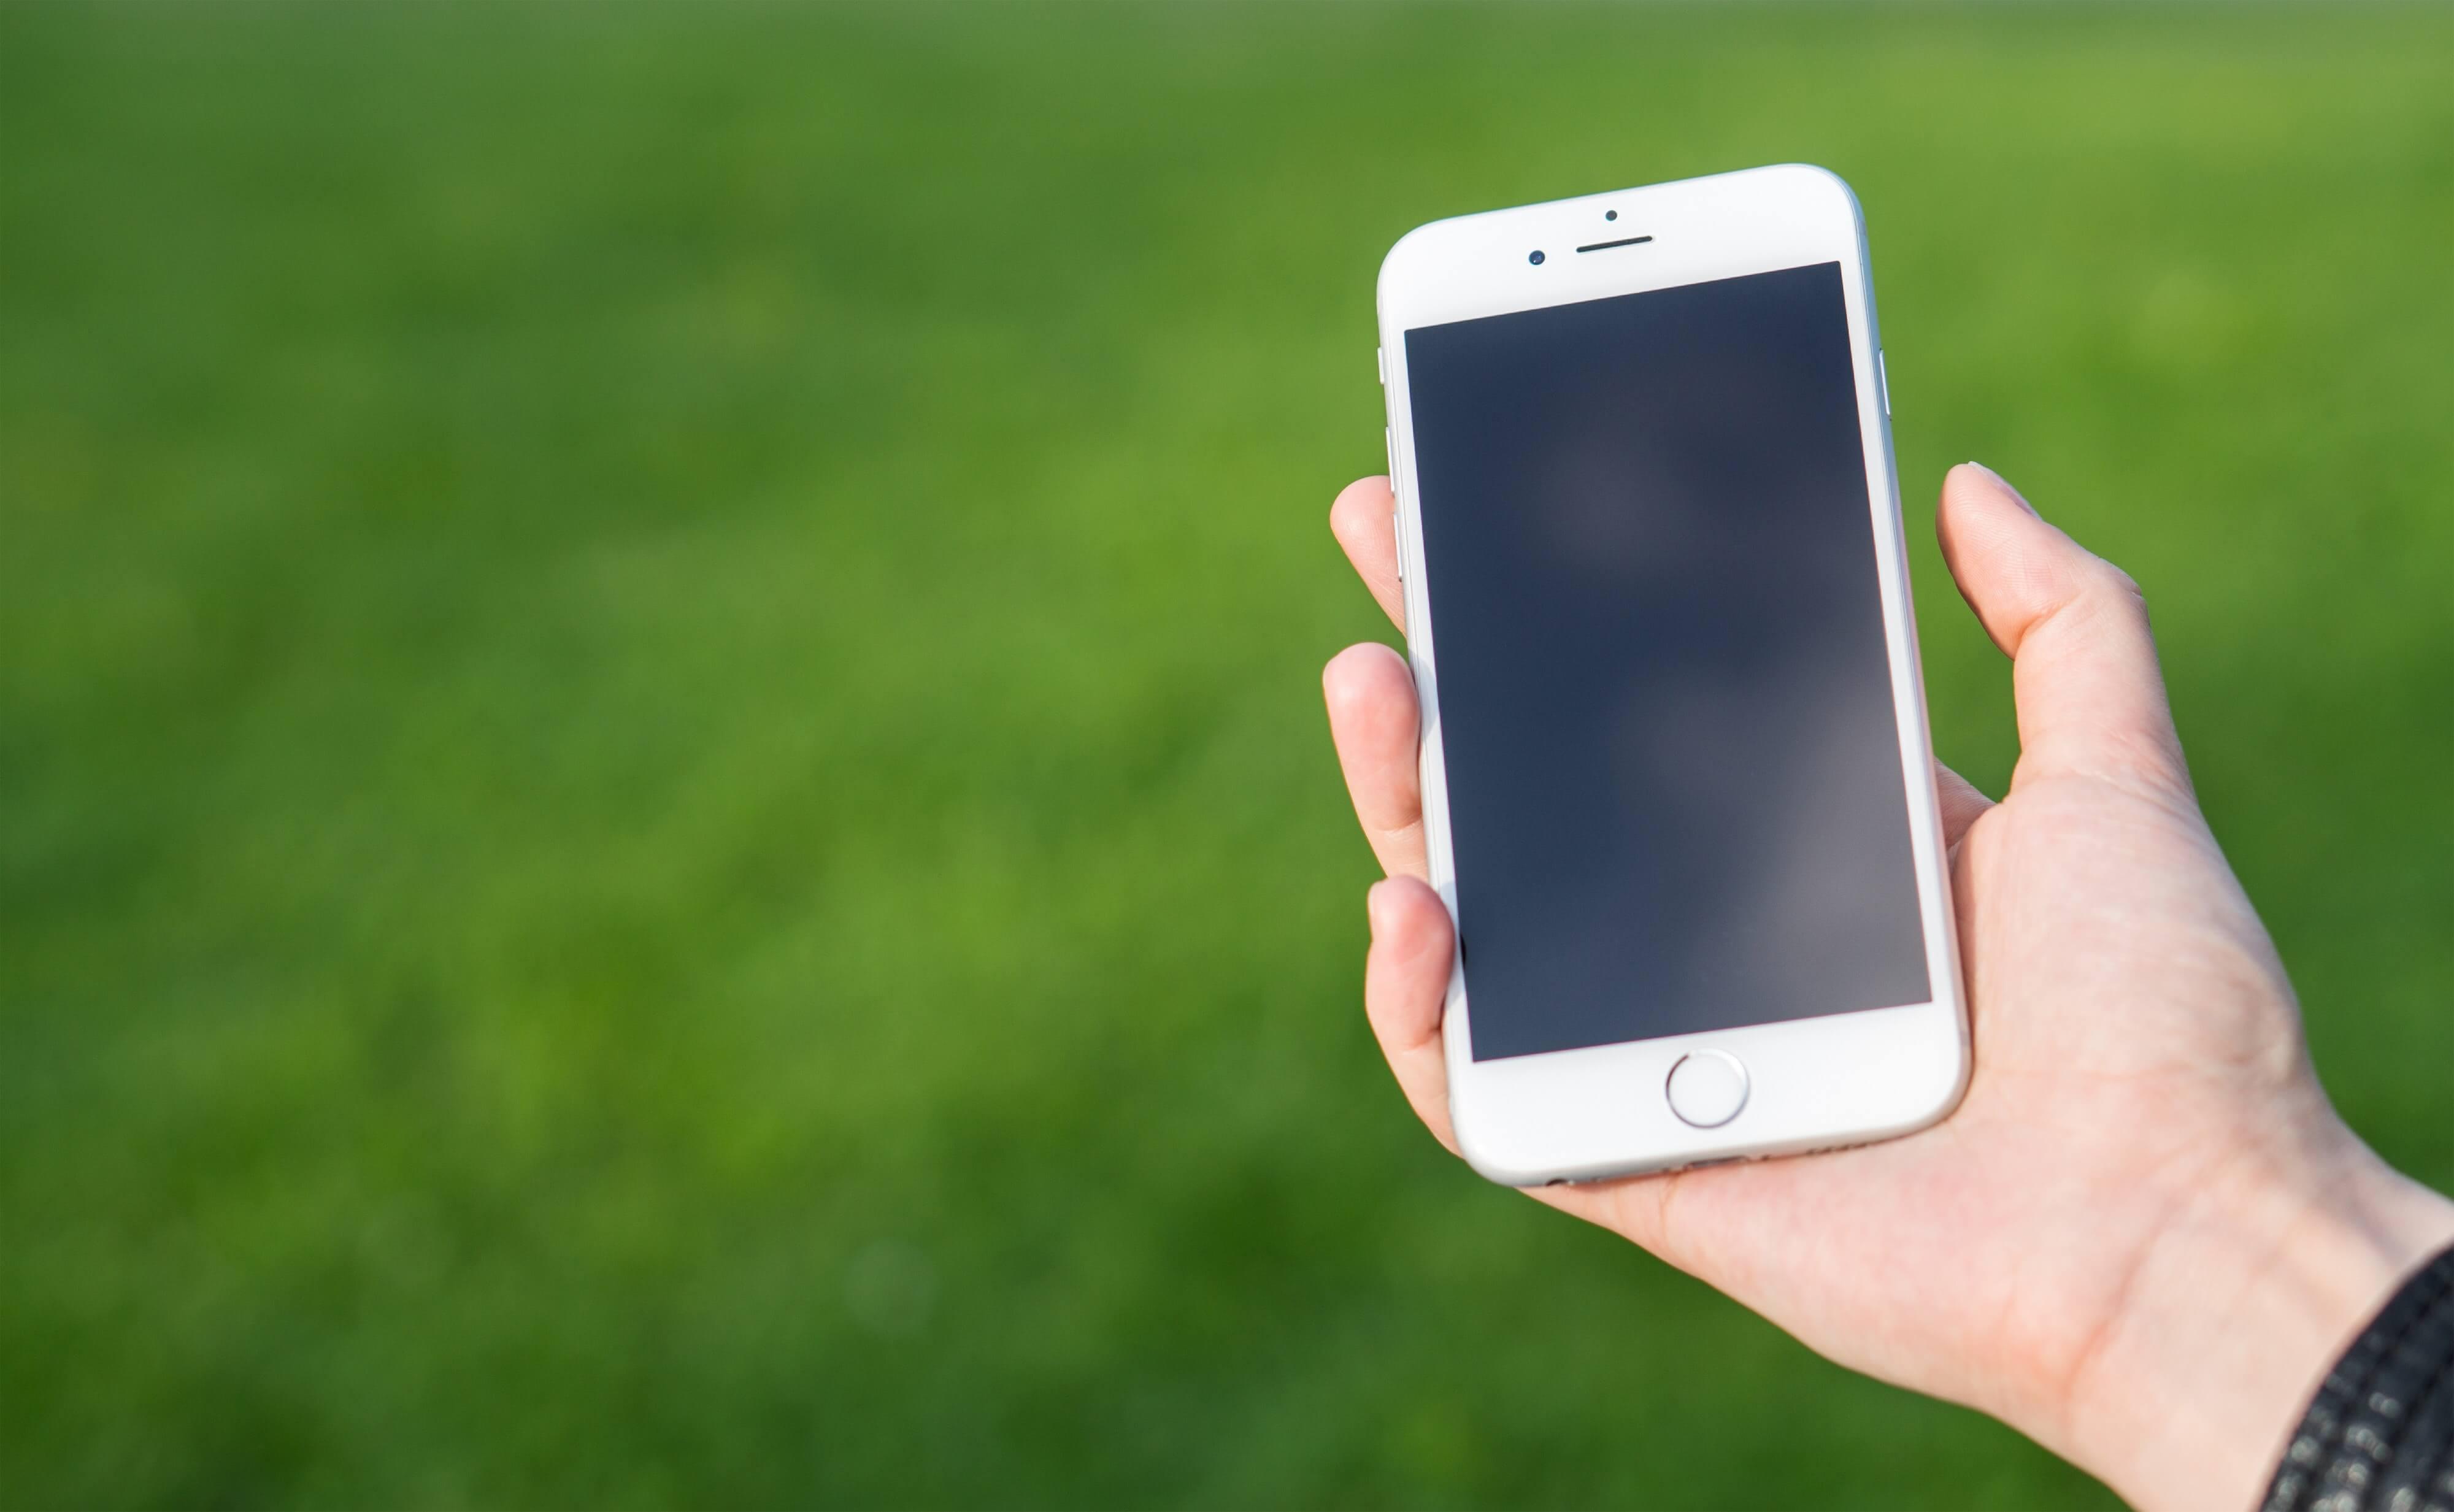 iPhoneが突然死…シャットダウンし起動しない!データは?復活する?